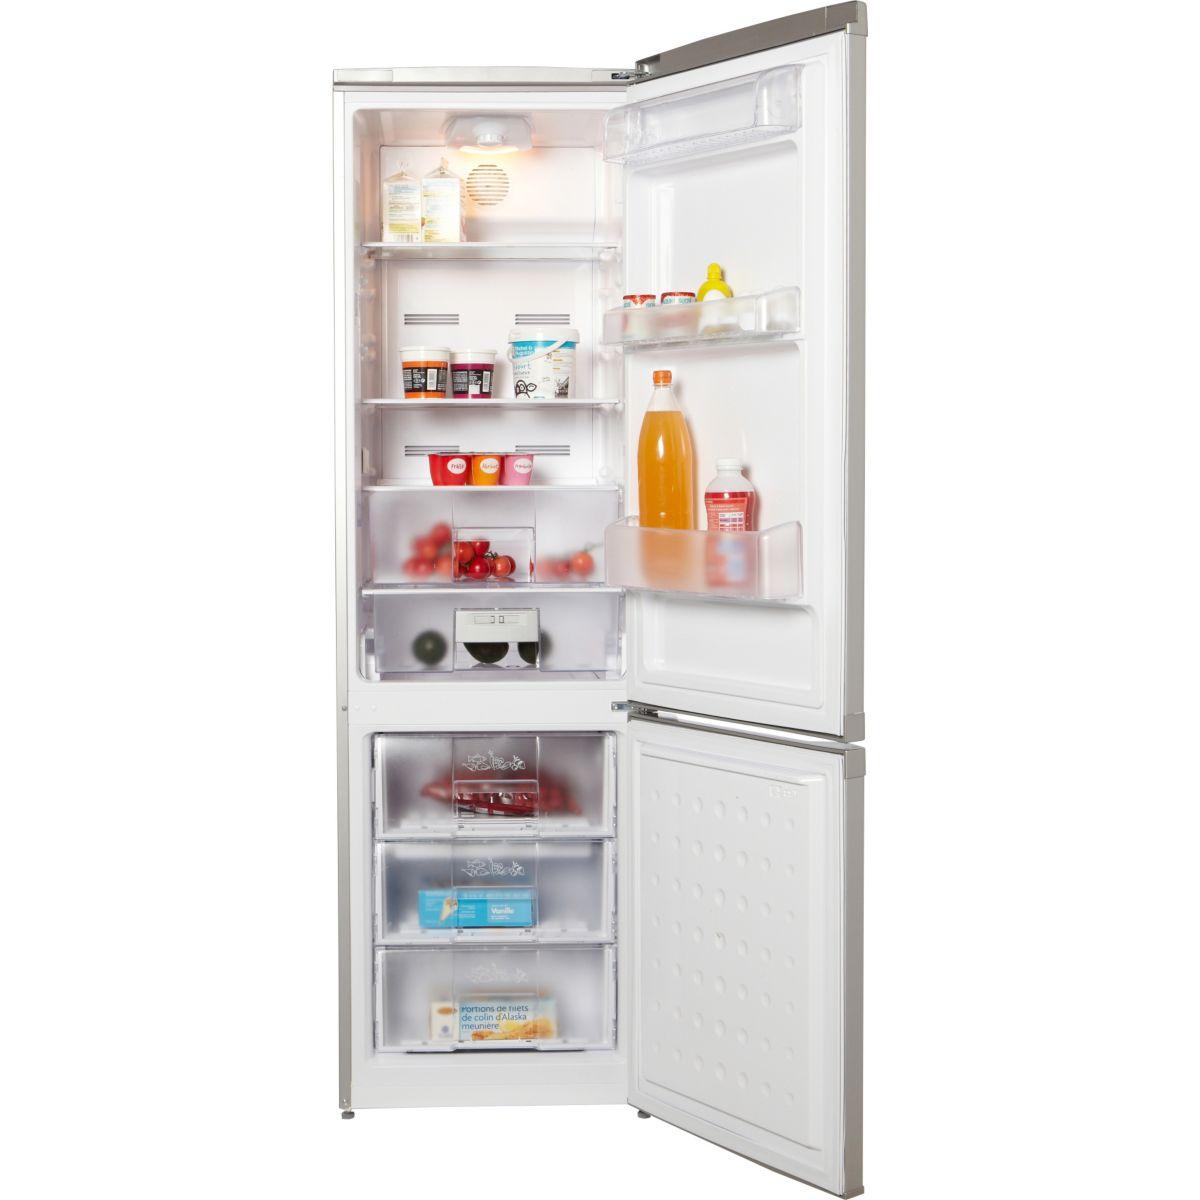 Réfrigérateur congélateur en bas beko cna 29120s - 2% de remise : code gam2 (photo)